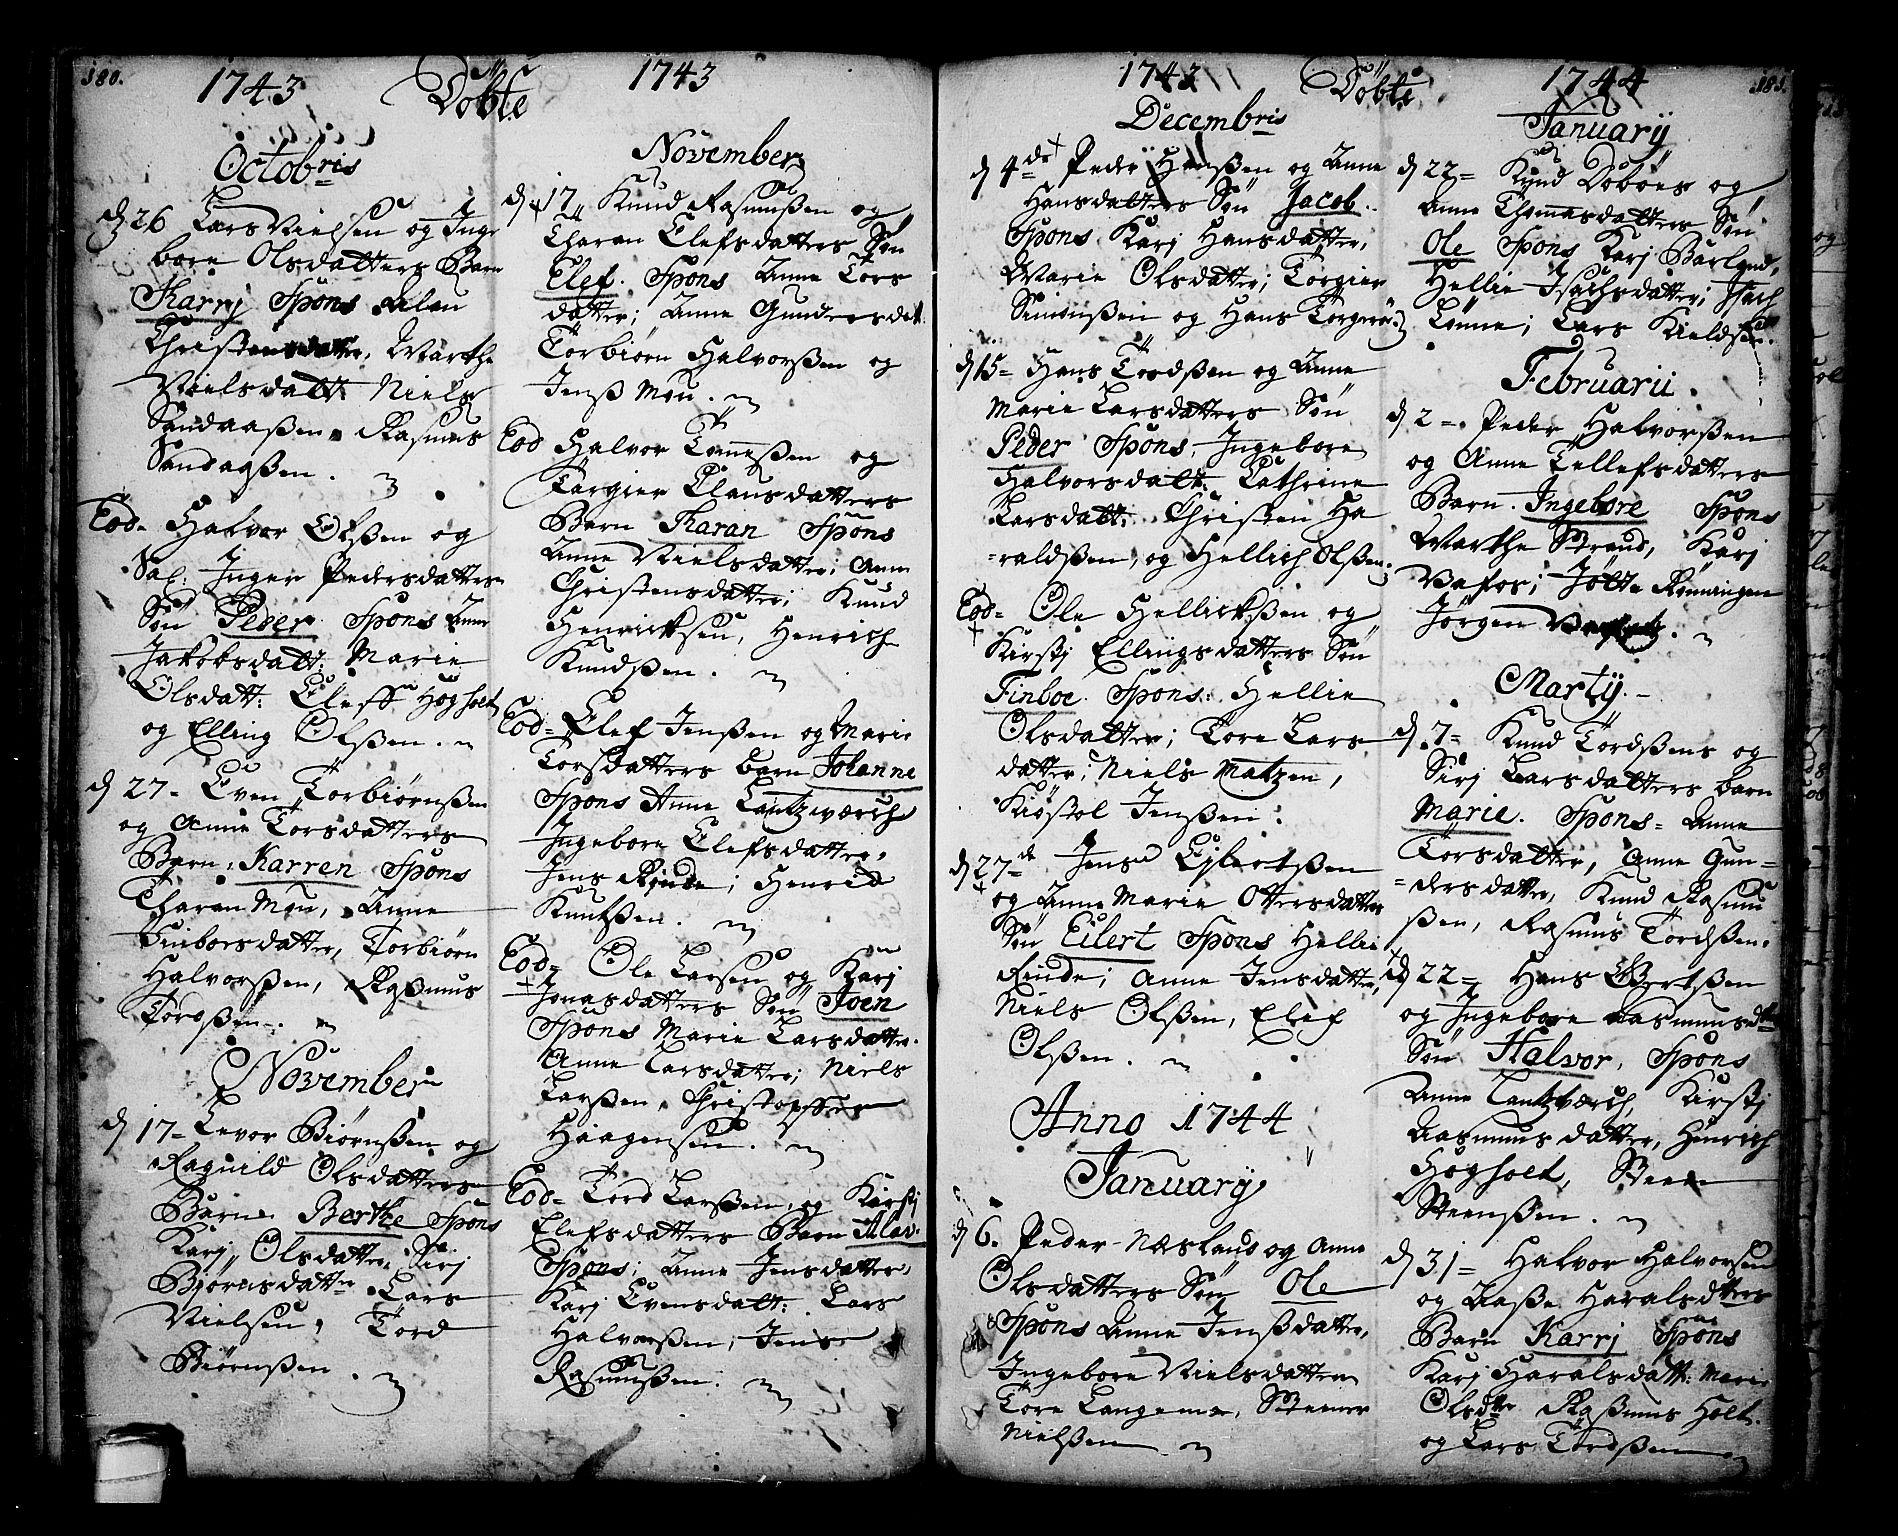 SAKO, Sannidal kirkebøker, F/Fa/L0001: Ministerialbok nr. 1, 1702-1766, s. 180-181